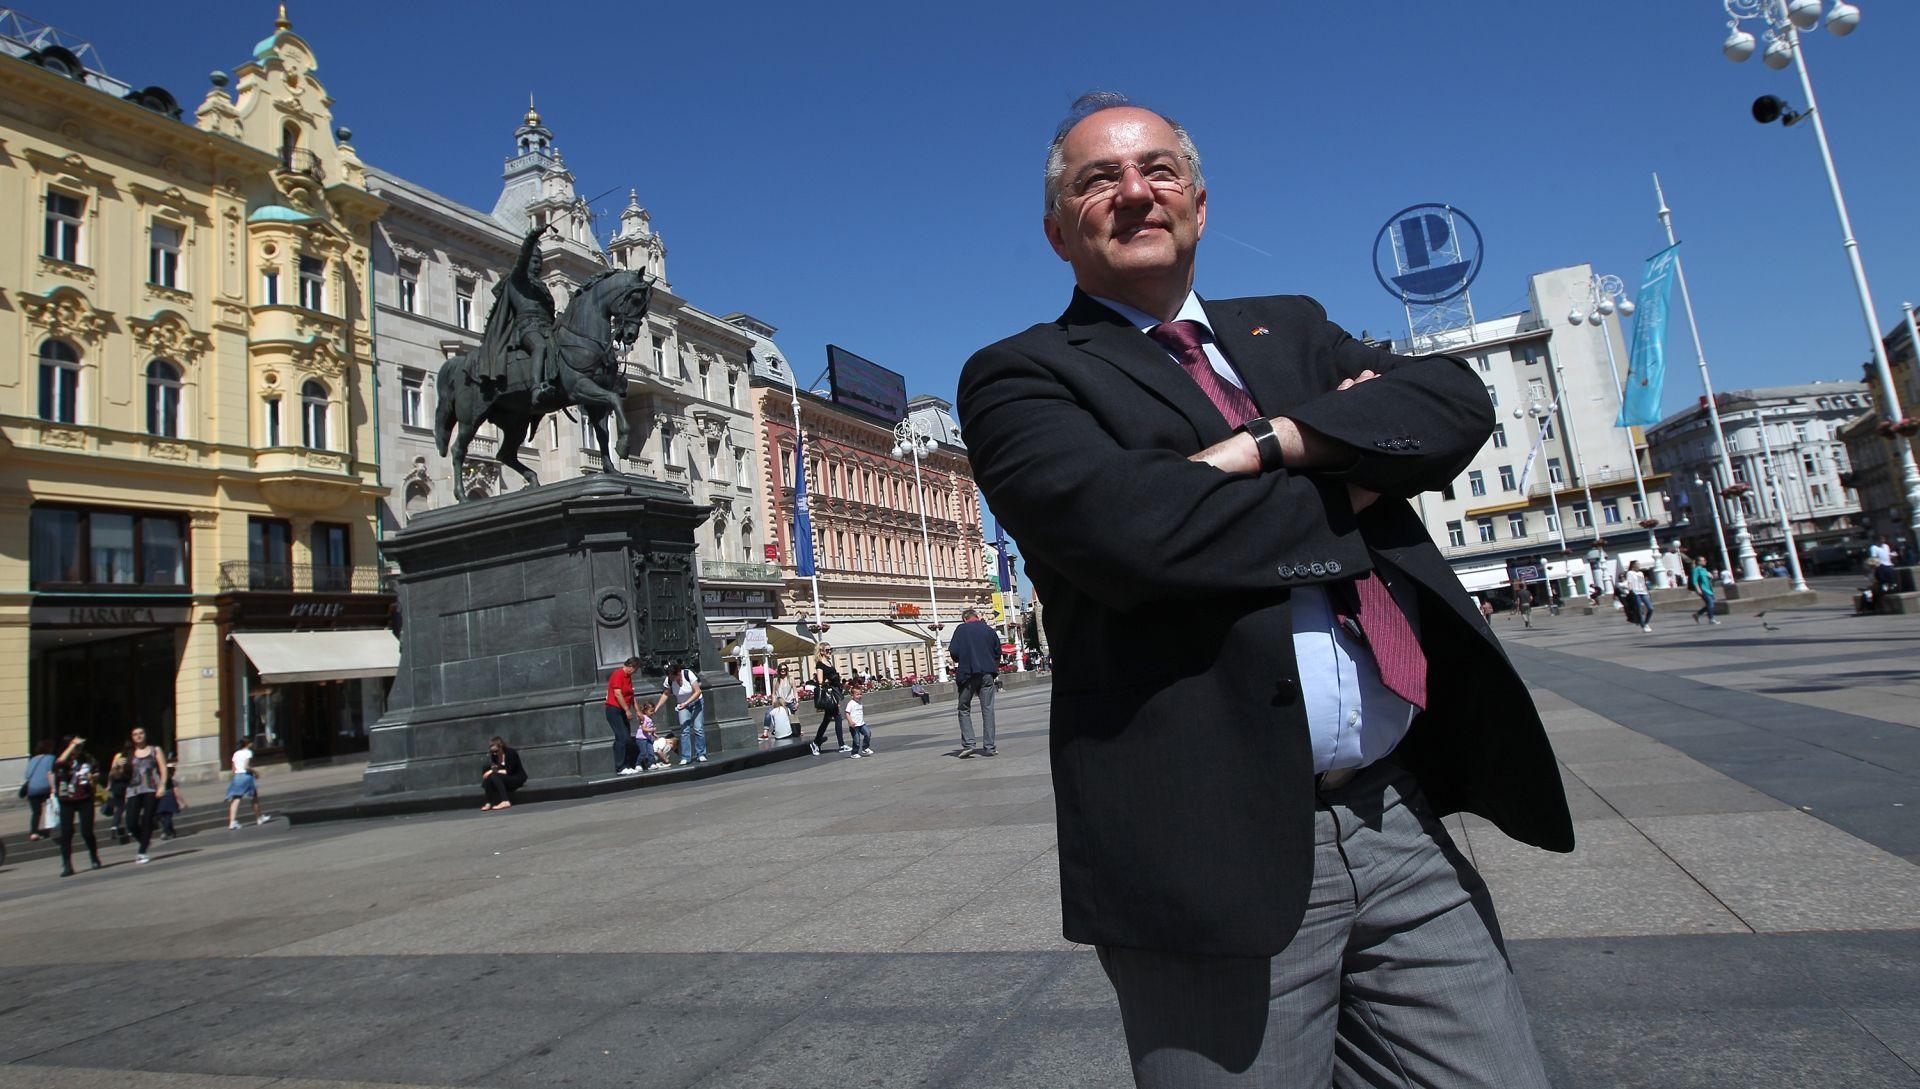 Juratović: Nesporazume između Hrvatske i Srbije rješavati razgovorima